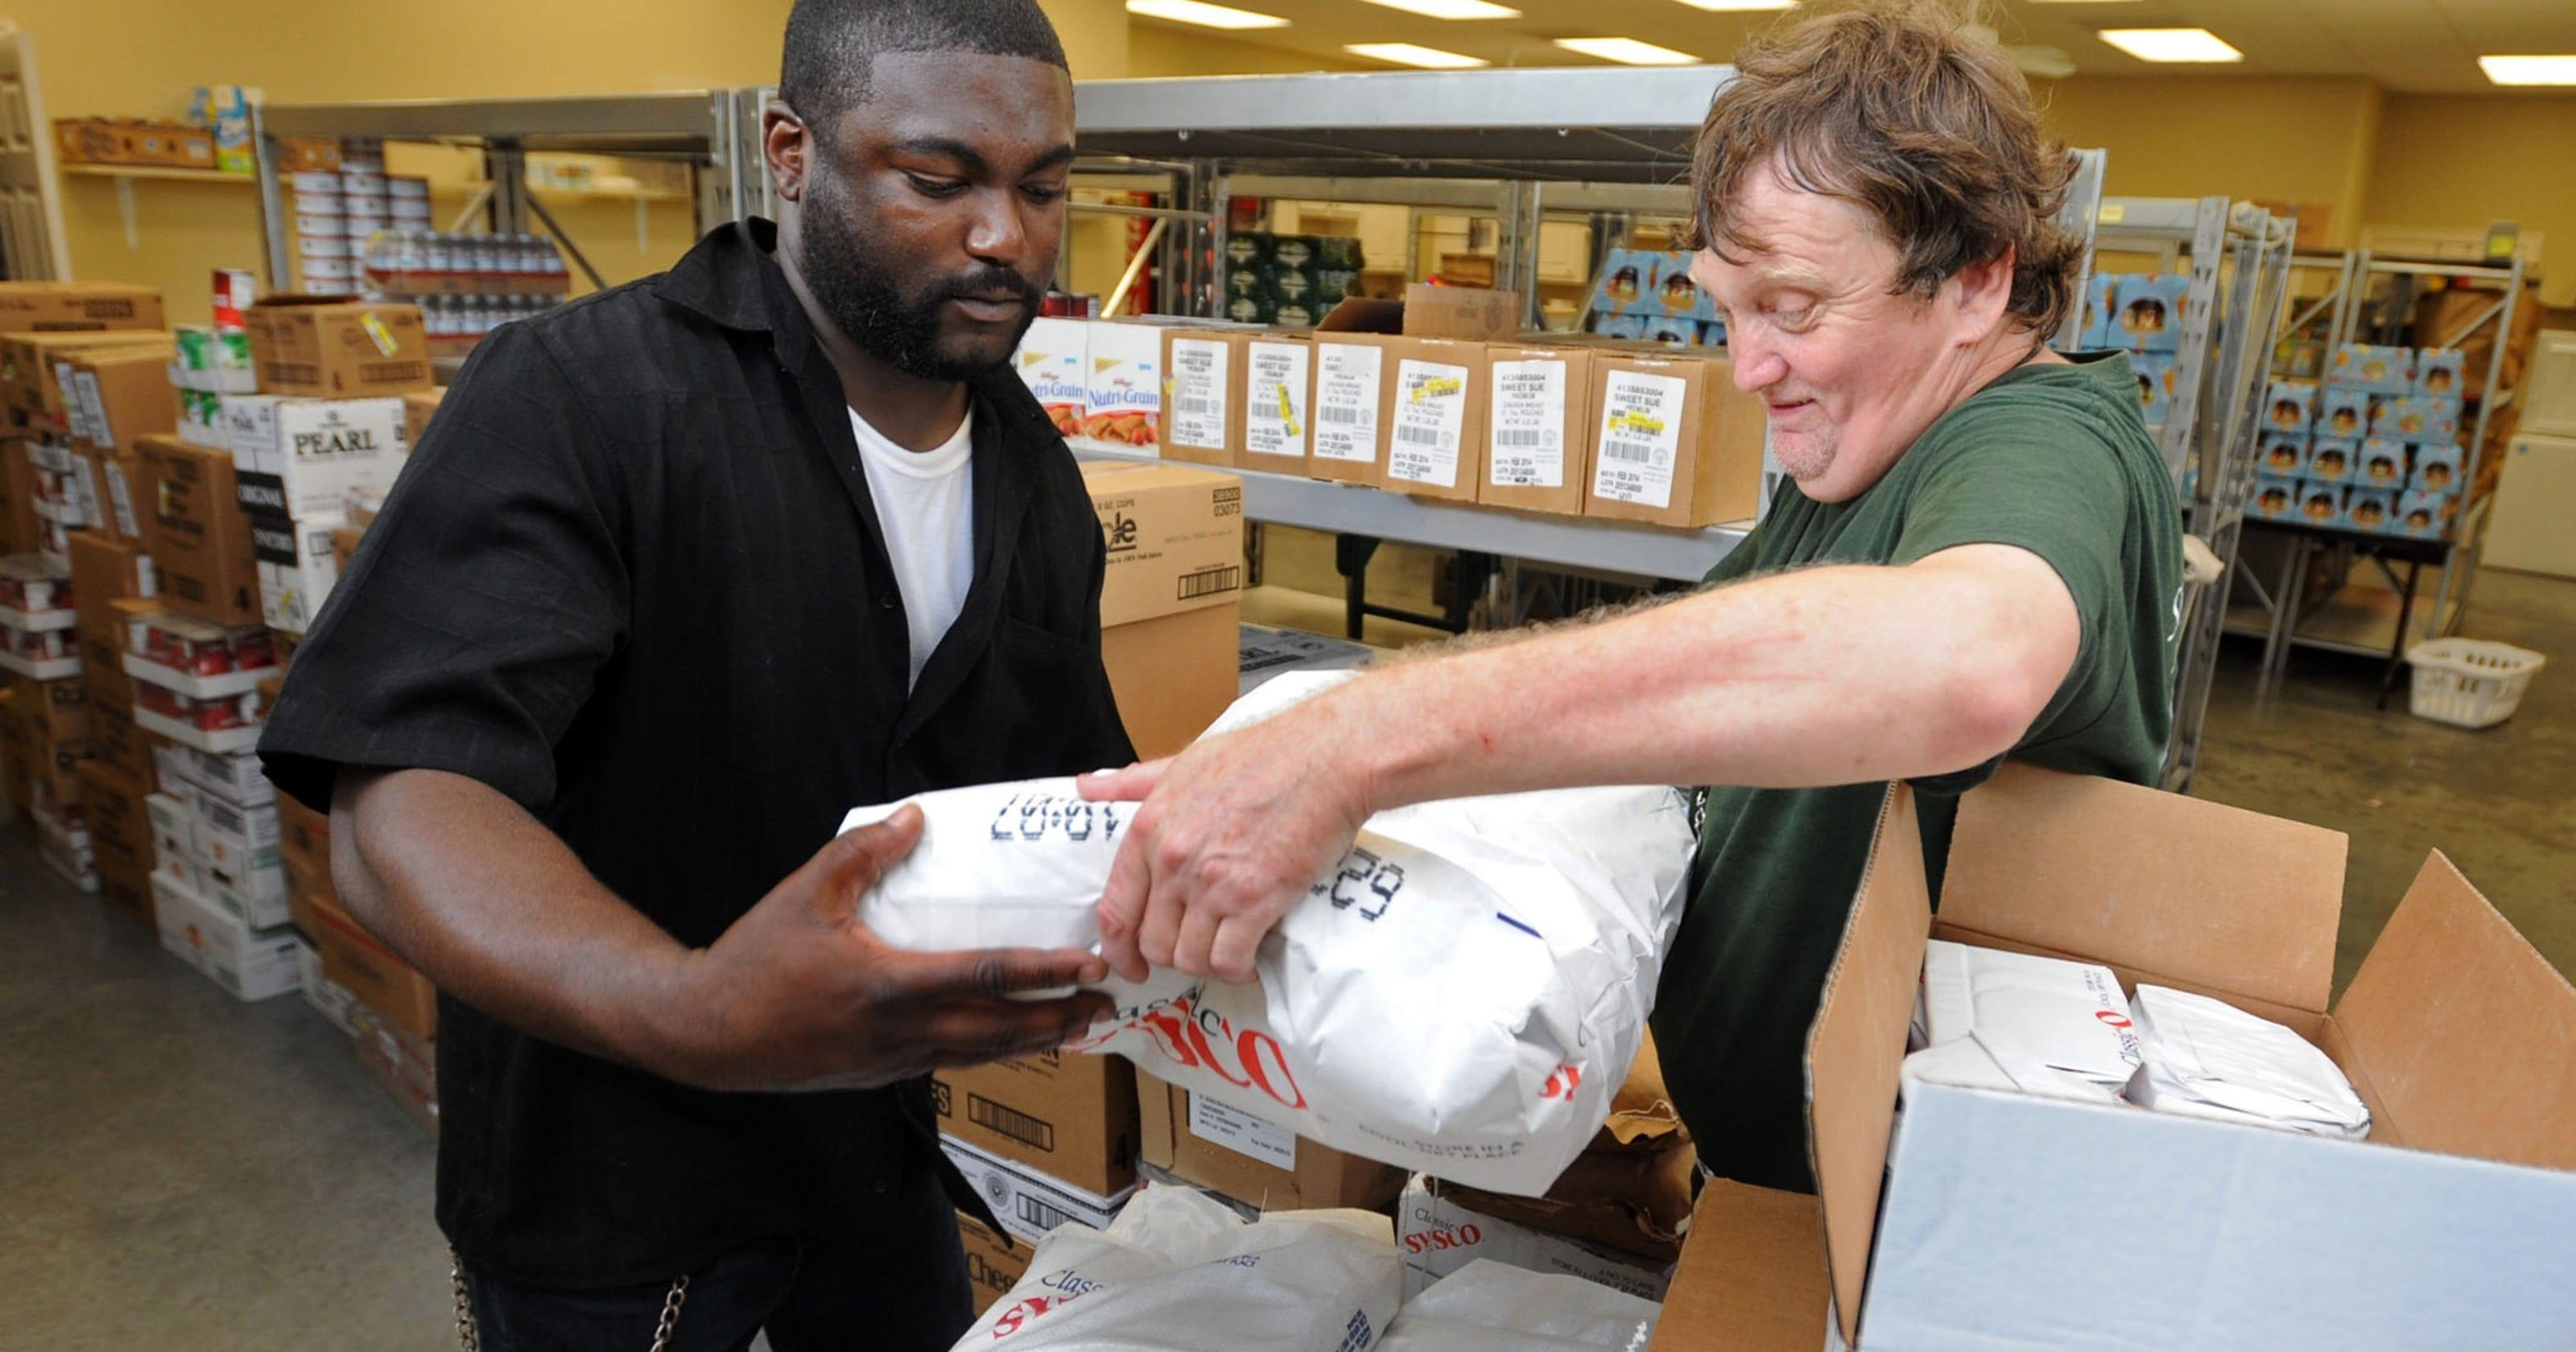 Nation's largest food distributor delivers